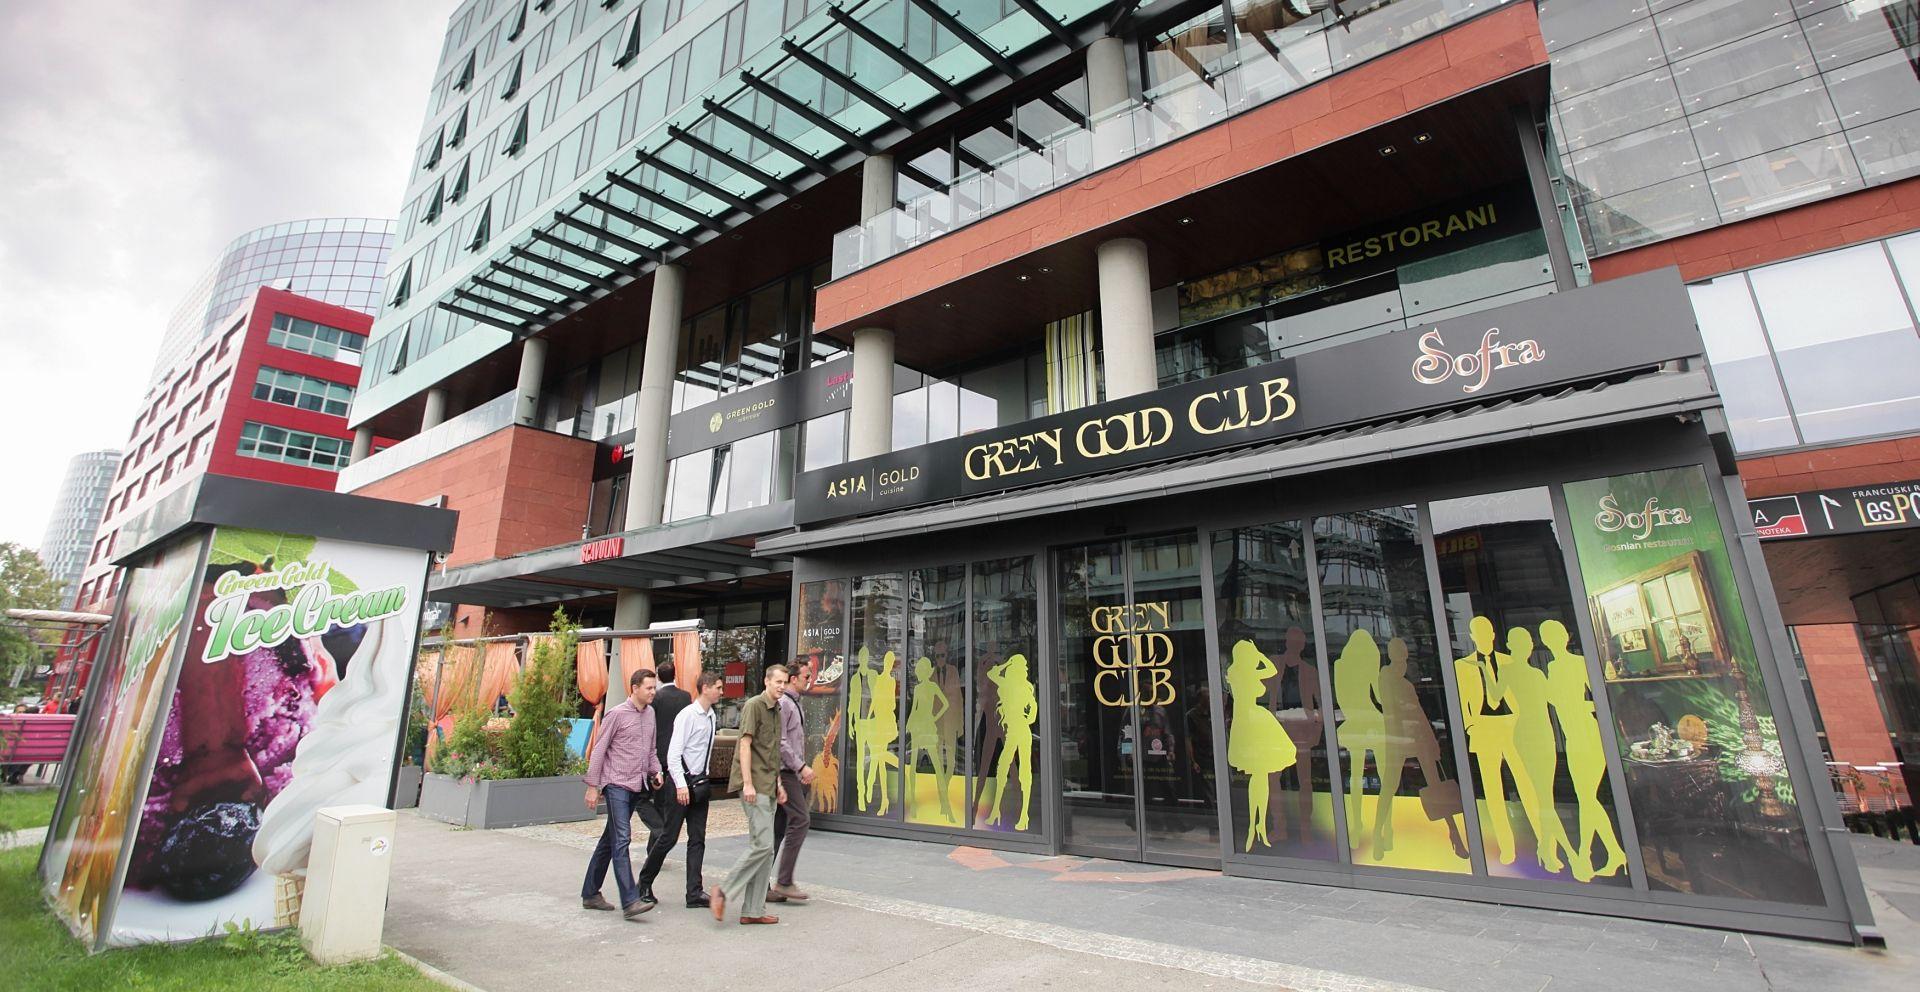 """Inspekcija zatvorila popularni zagrebački restoran zbog nekoliko pepeljara: """"Ovo je podmetanje konkurencije"""""""